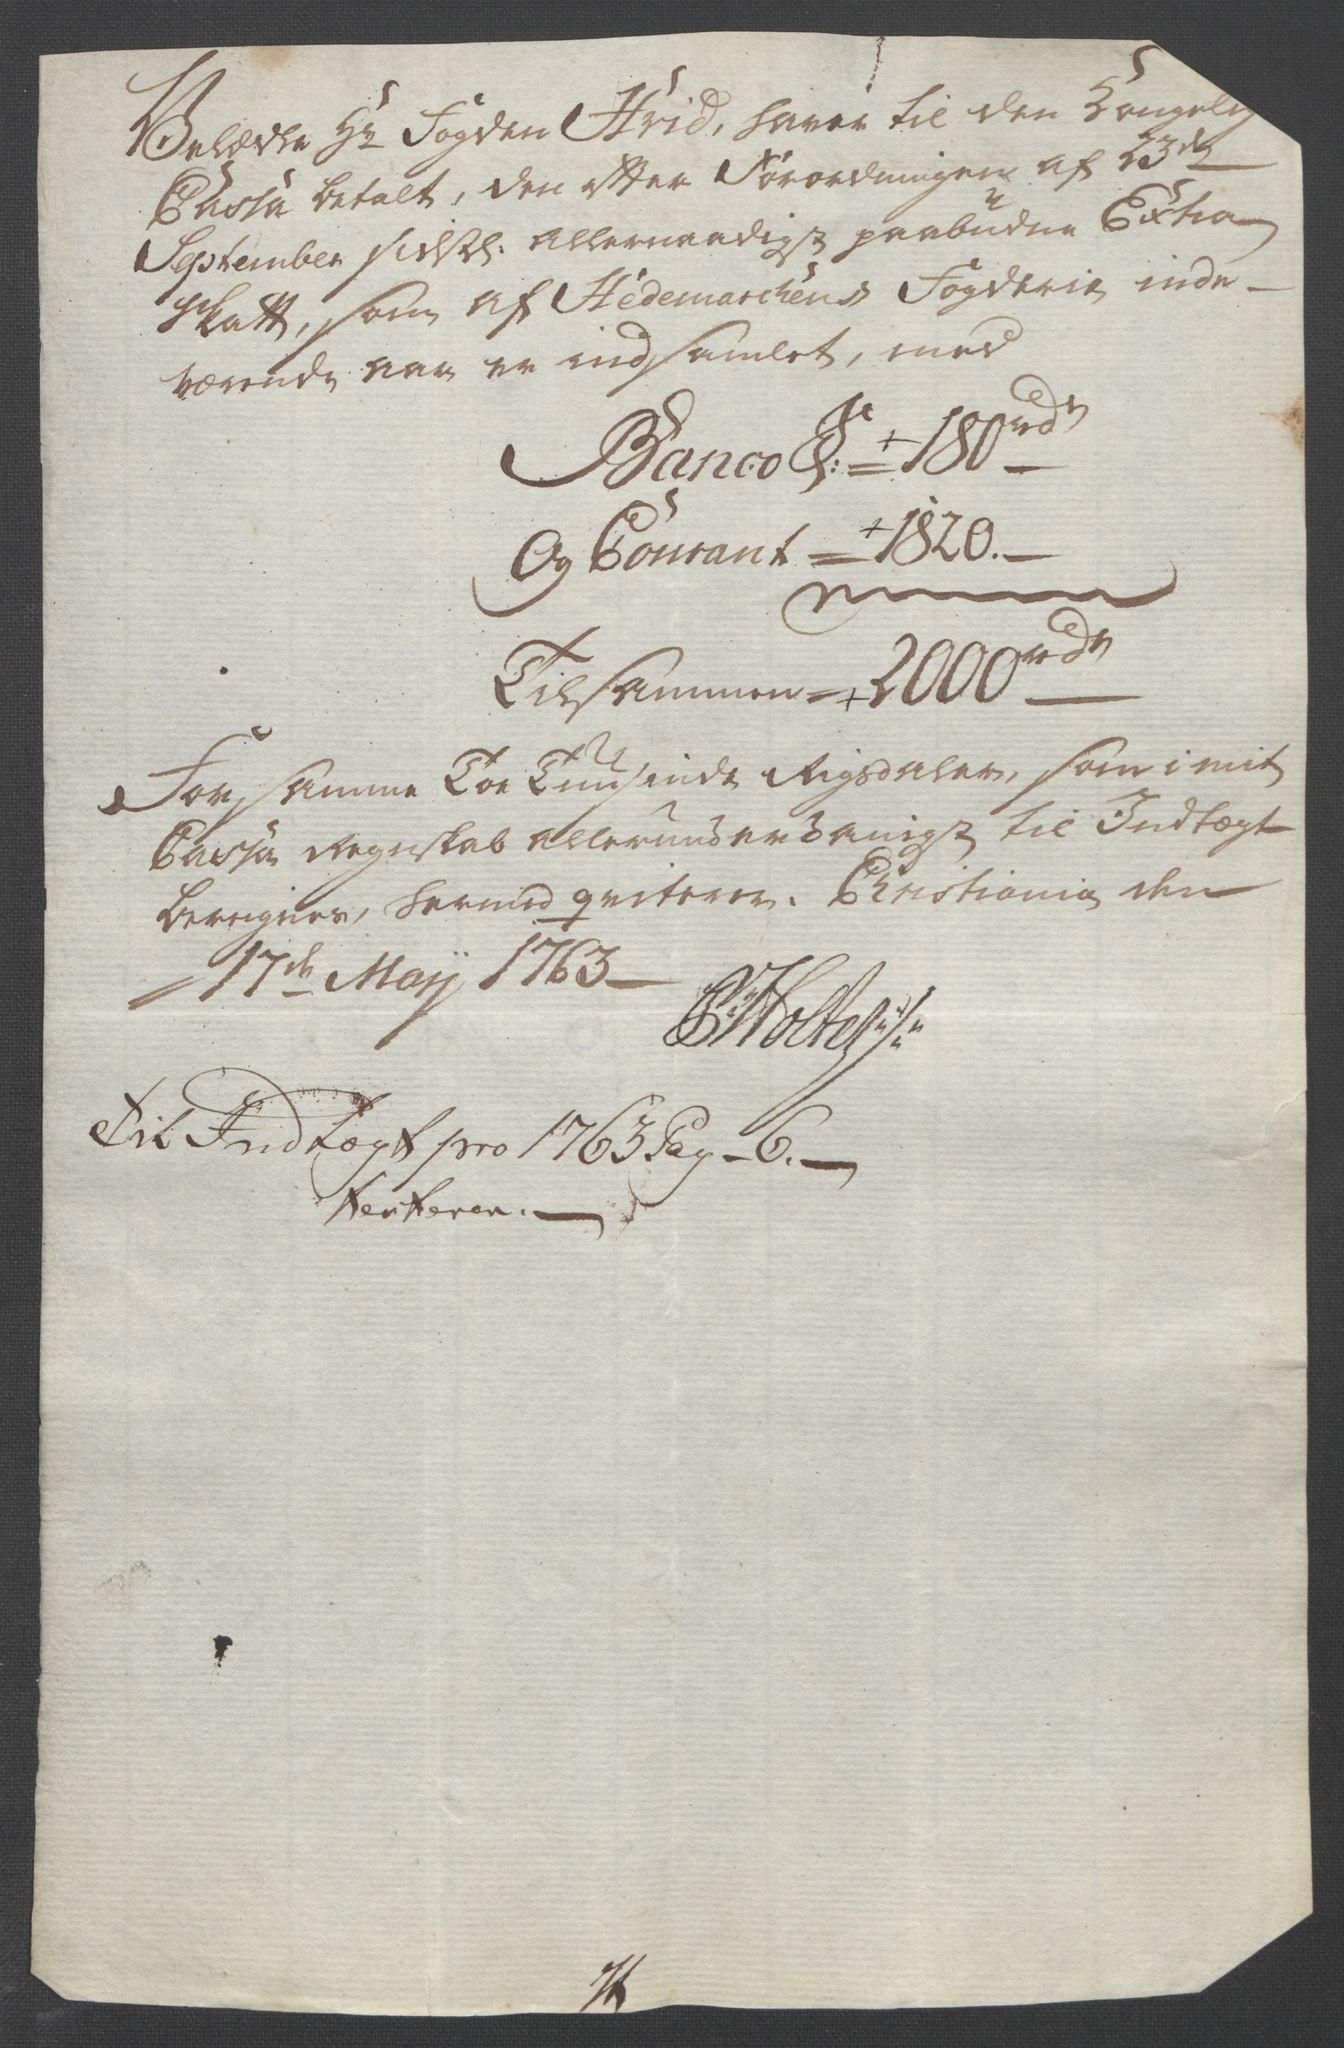 RA, Rentekammeret inntil 1814, Reviderte regnskaper, Fogderegnskap, R16/L1147: Ekstraskatten Hedmark, 1763-1764, s. 85